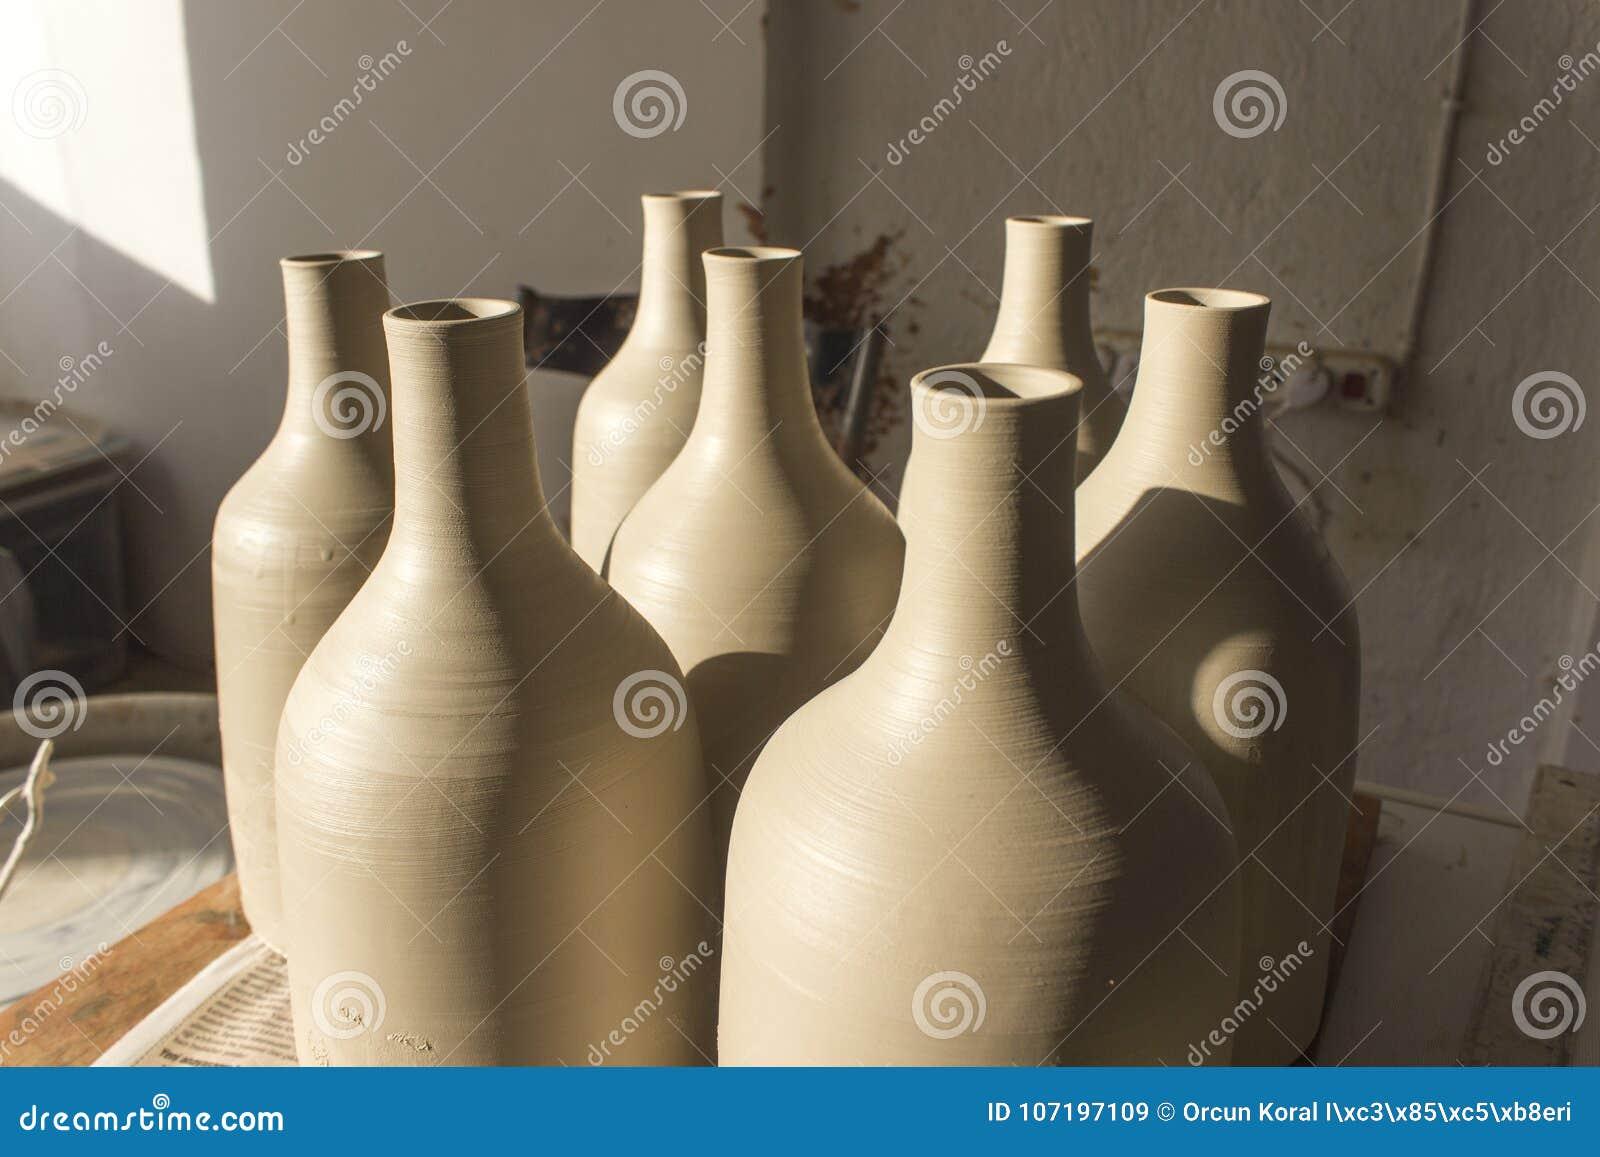 Tir de vue de face pour la série de conception faite main traditionnelle de bouteille de matériel en céramique cru de couleur gri